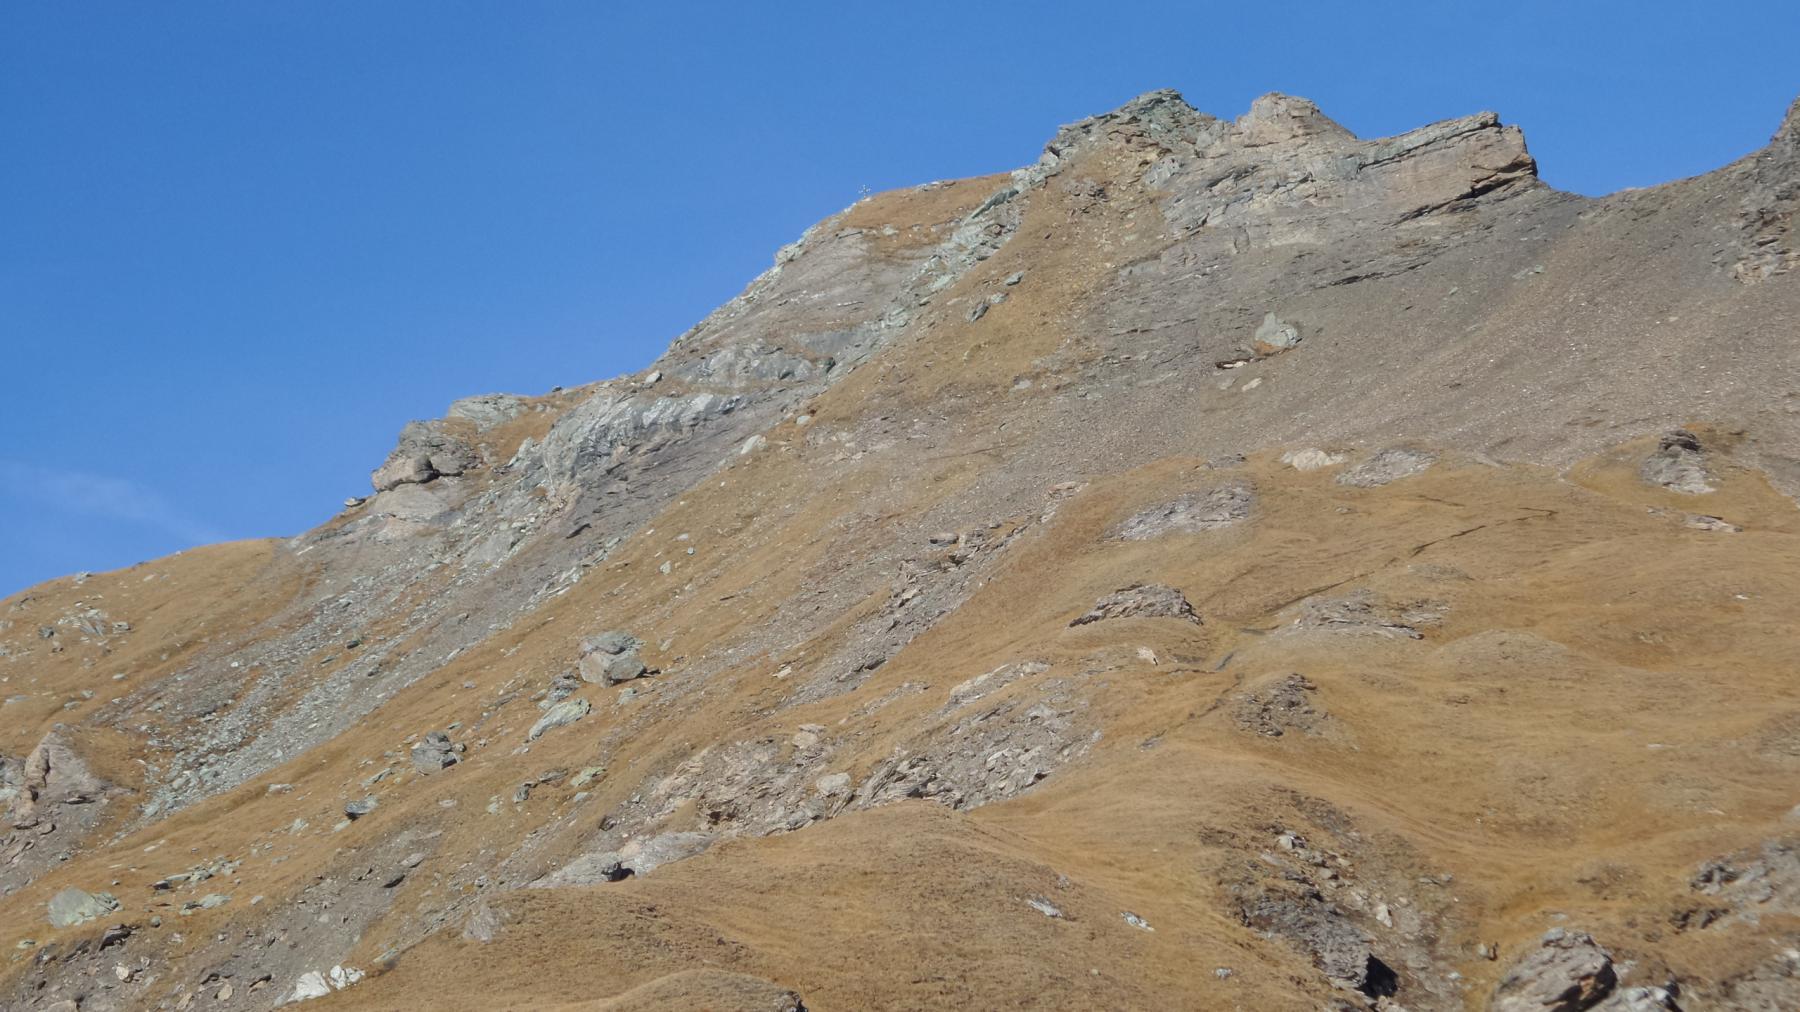 il Corno Bussola osservato dal Passo Bussola